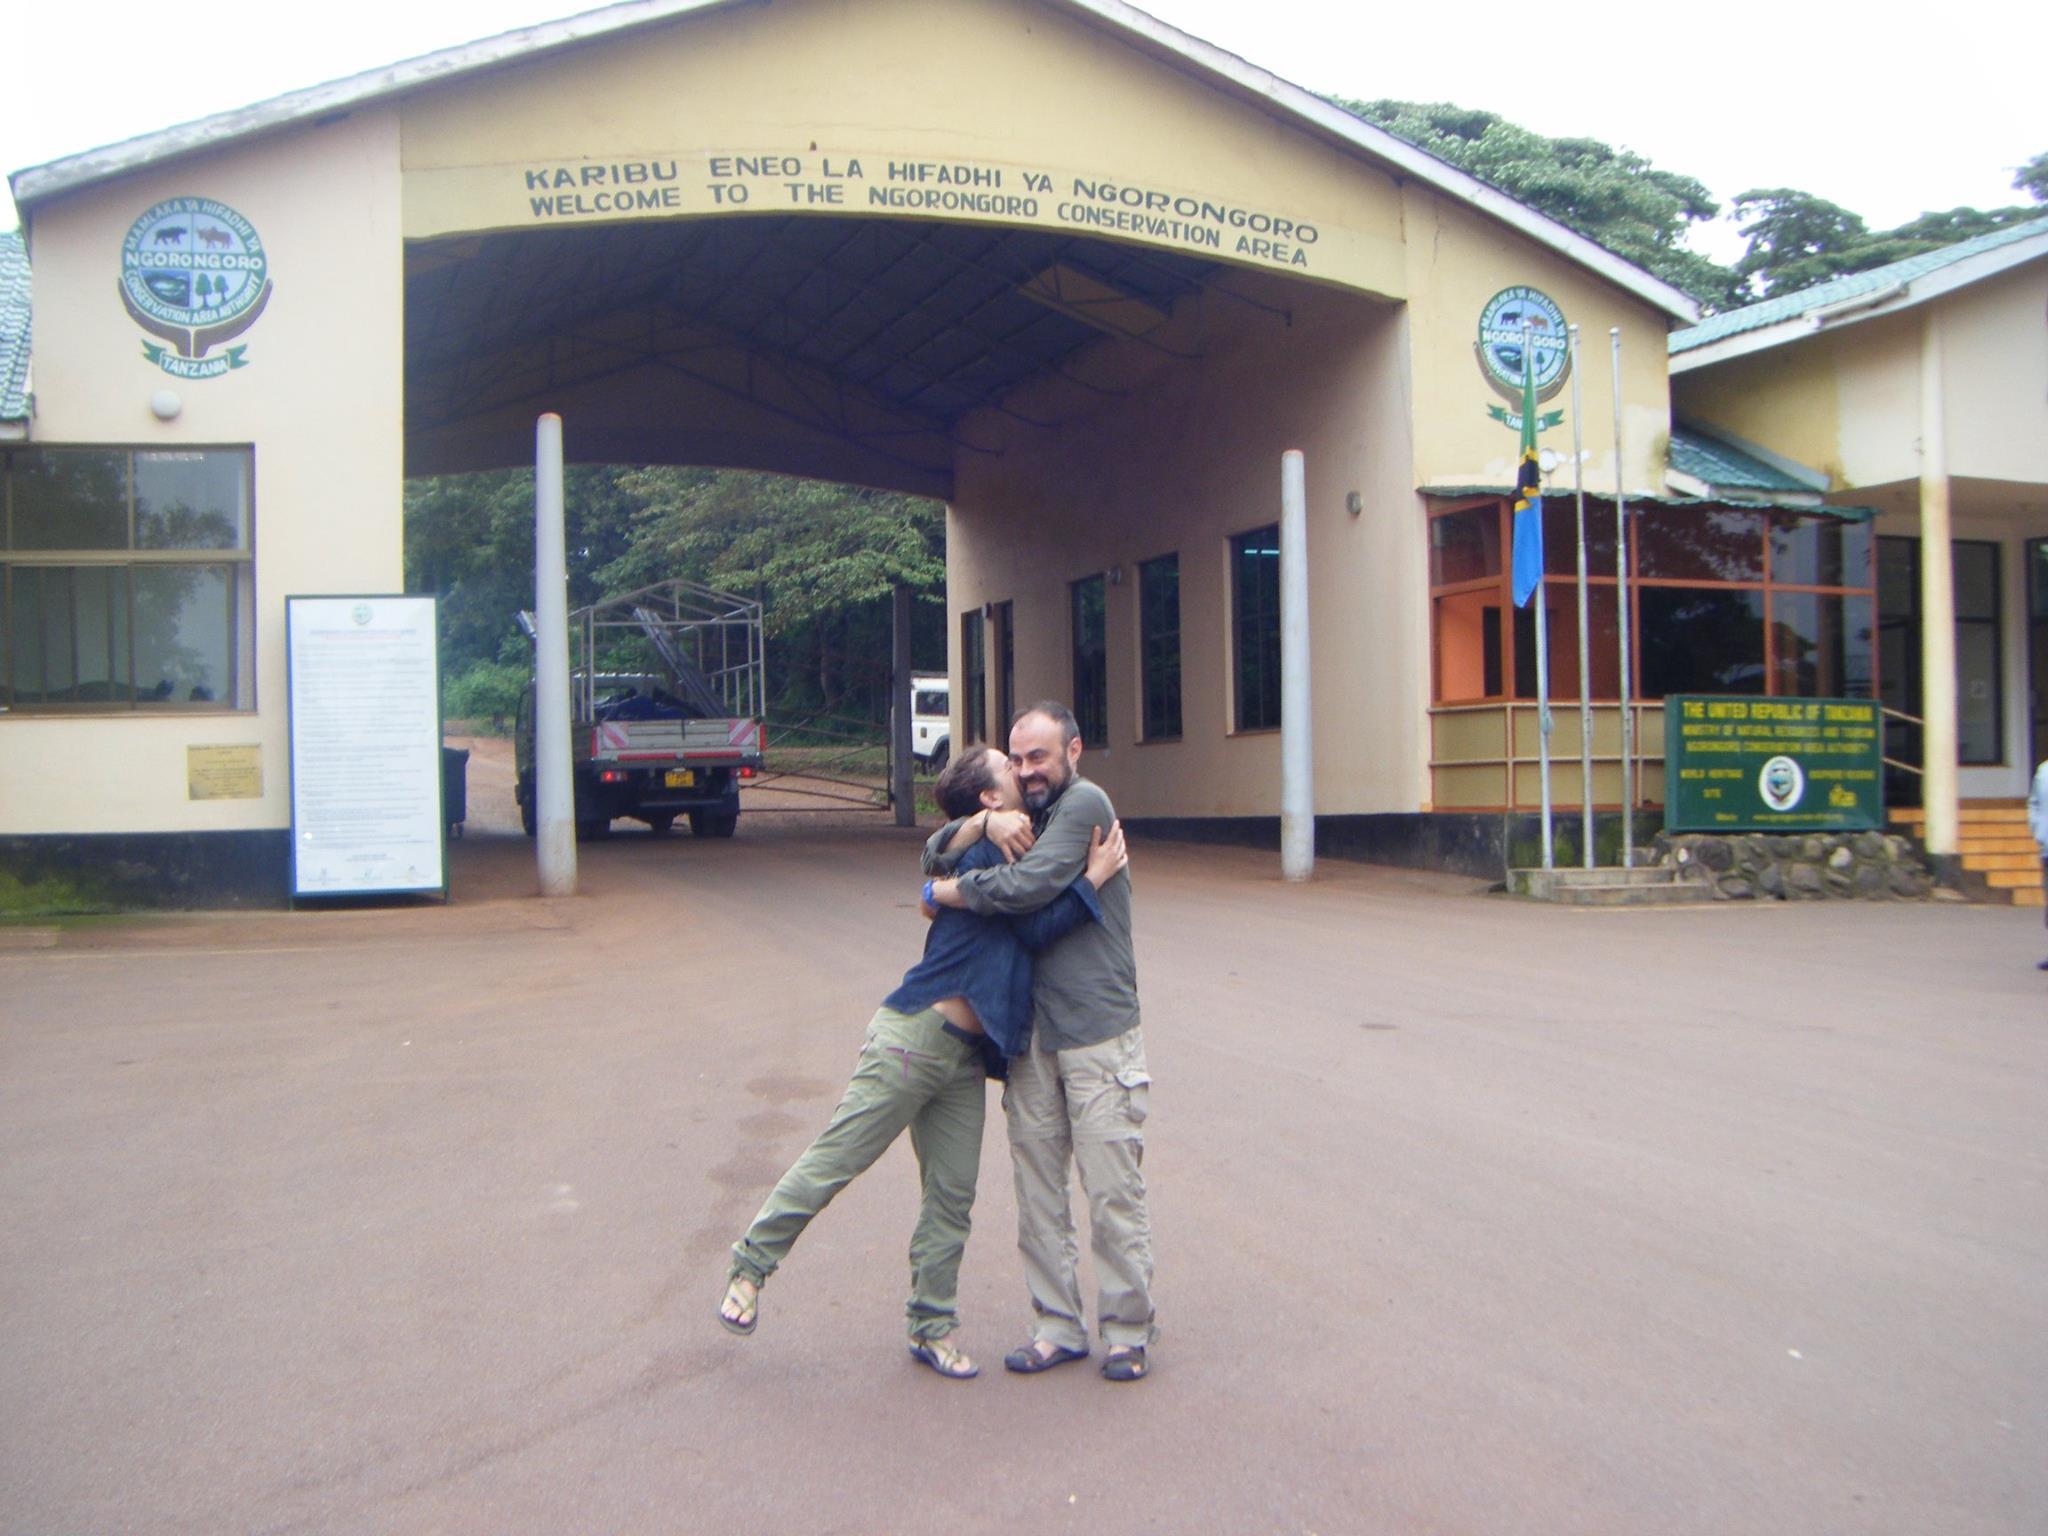 La entrada a Norongoro, un momento para el recuerdo. Por Raquel